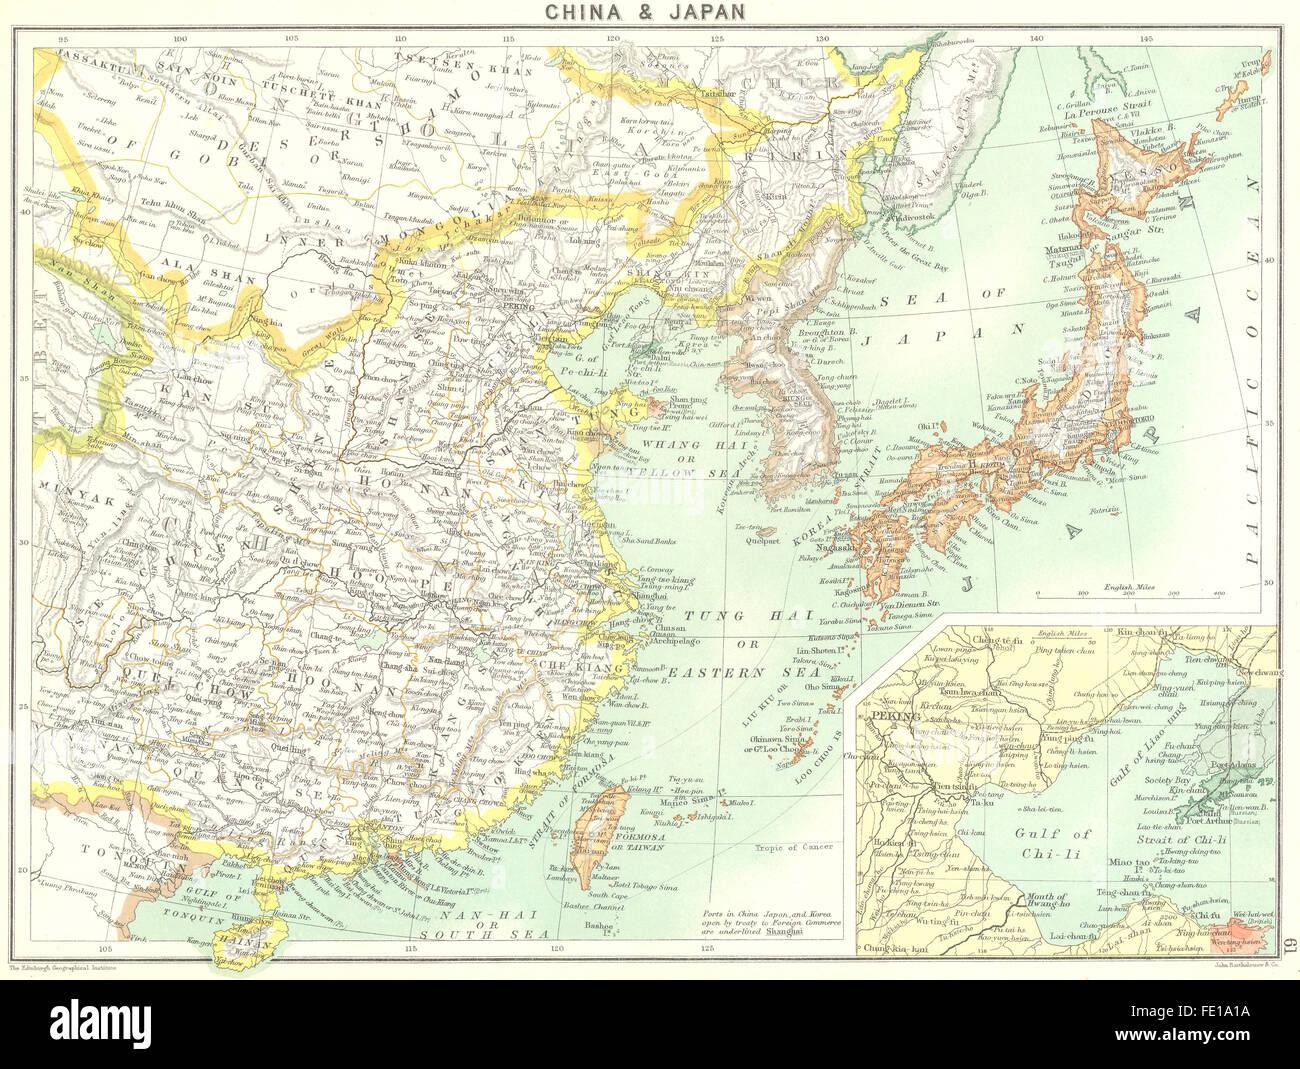 Carte Chine Antique.Chine Le Japon Golfe Du Chi Li 1900 Carte Antique